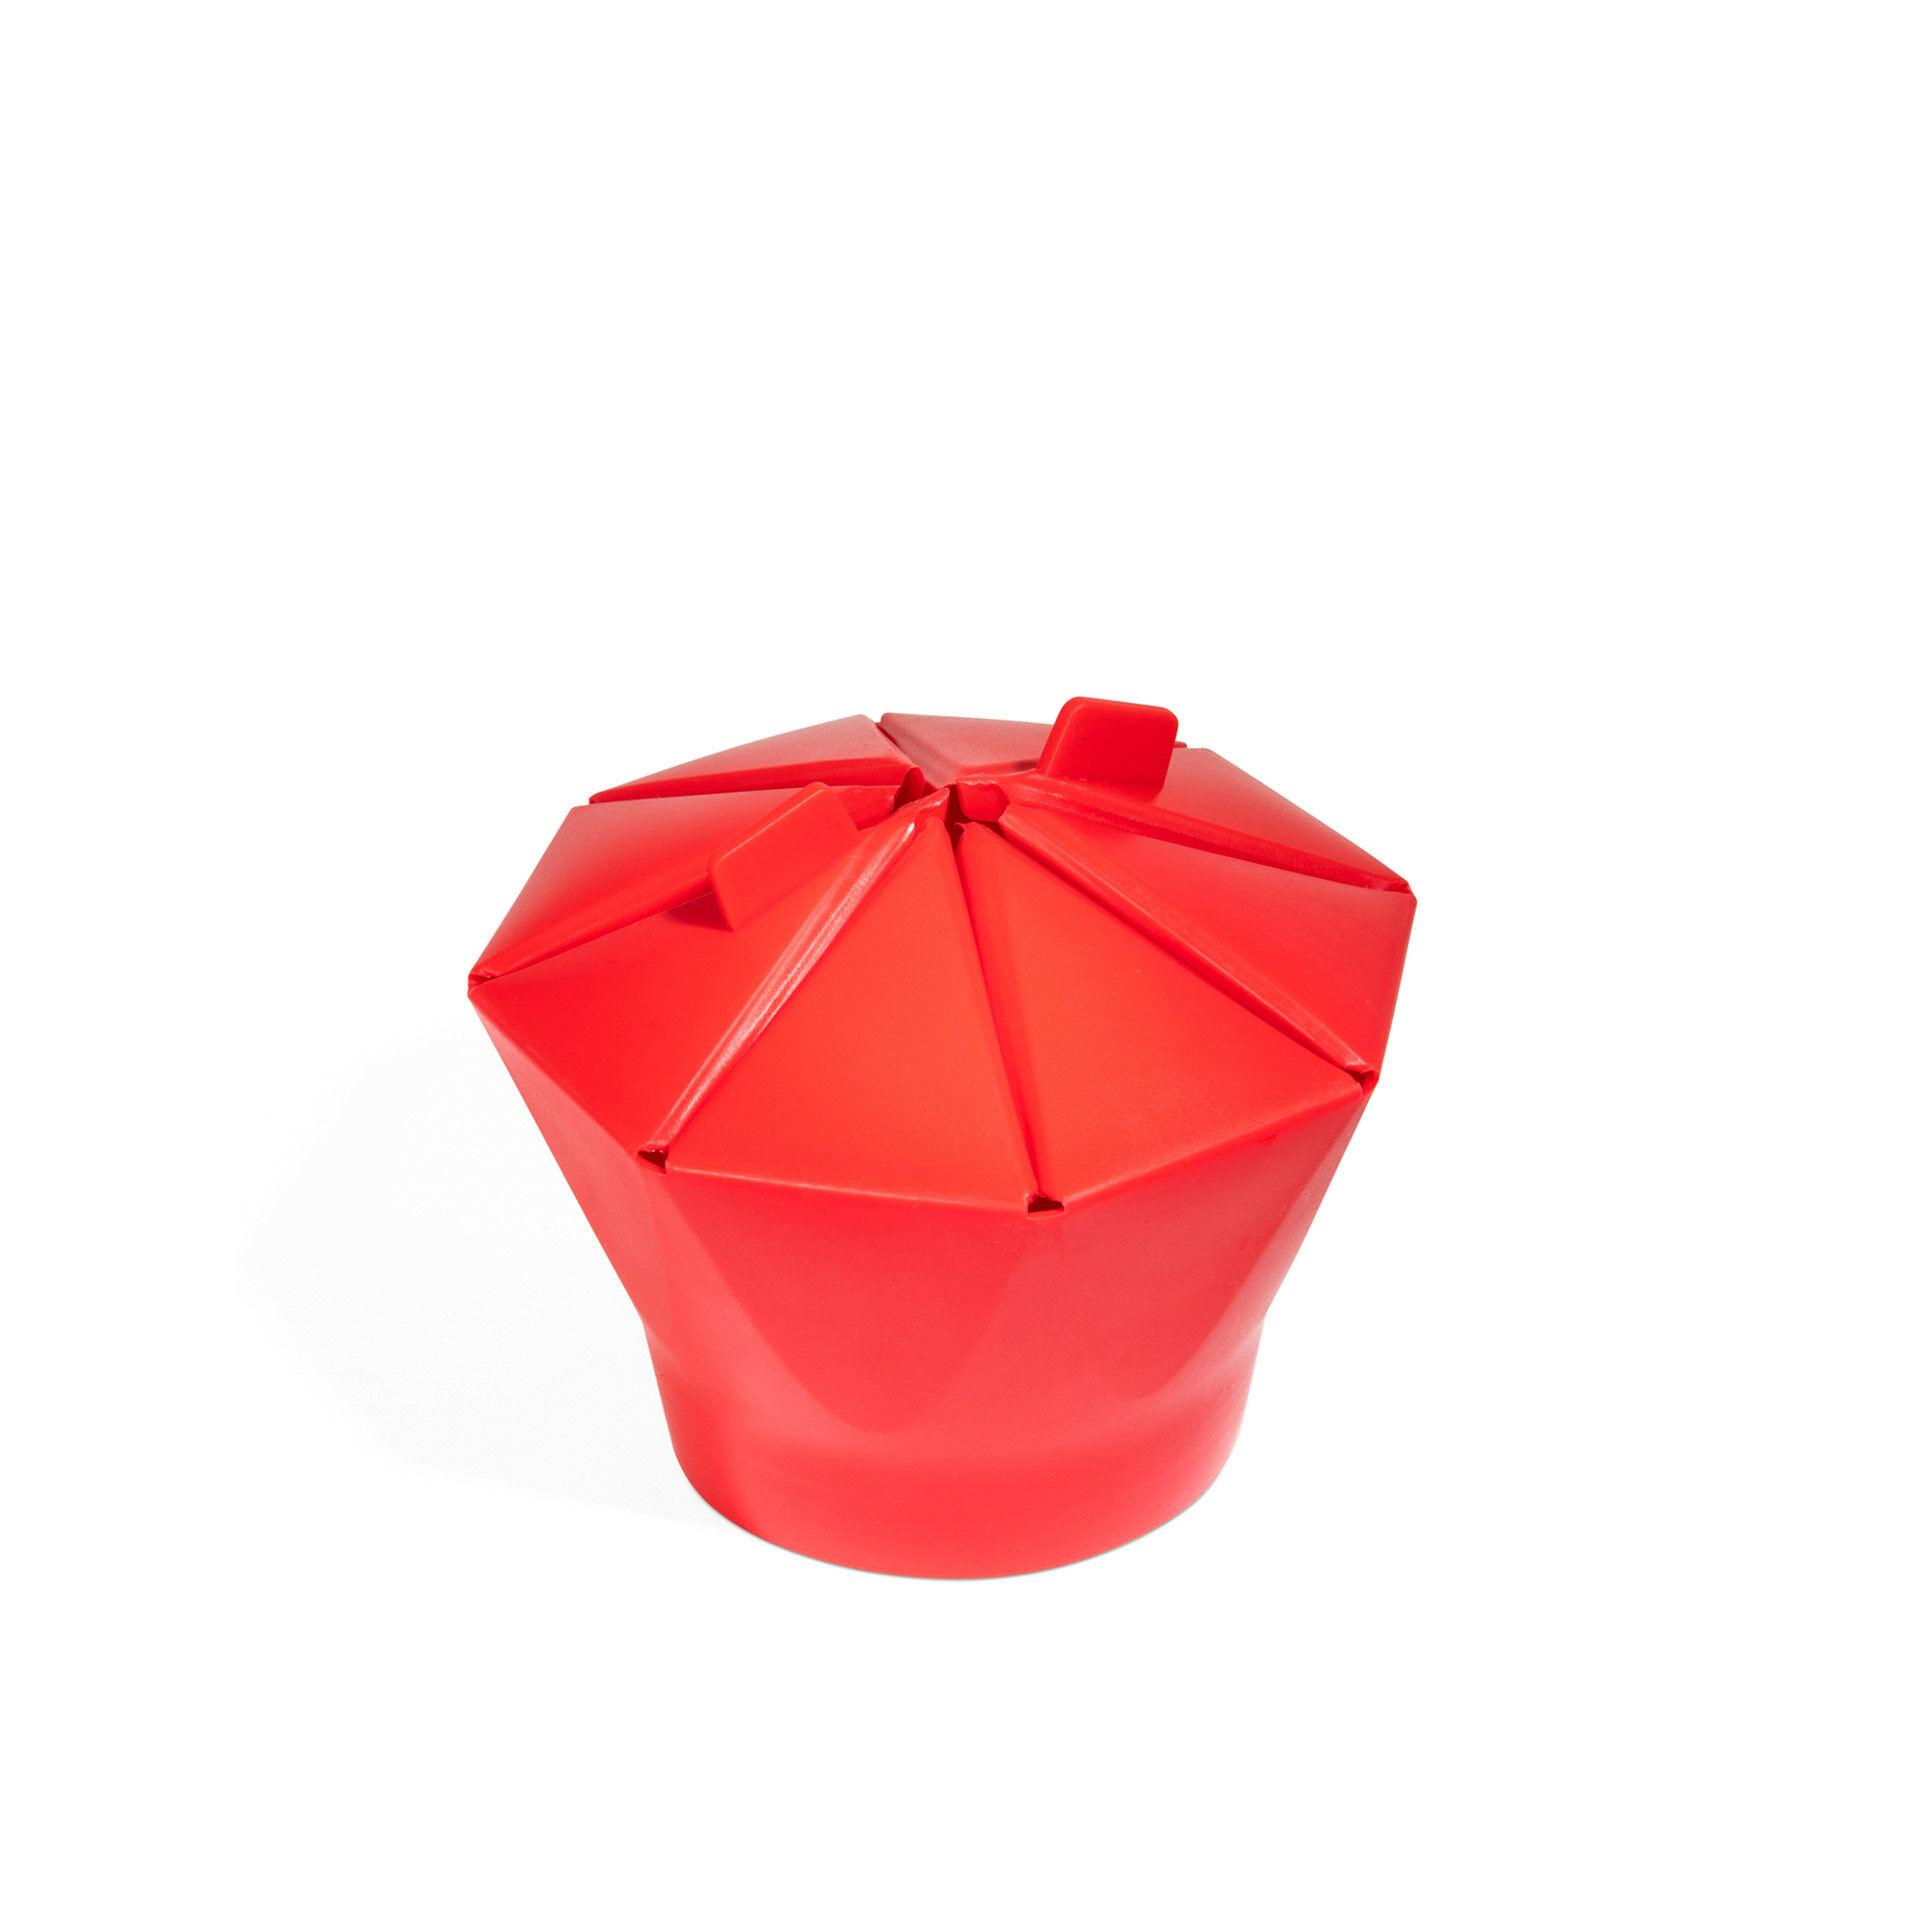 Cuiseur de pop corn en silicone pour micro-ondes, , large